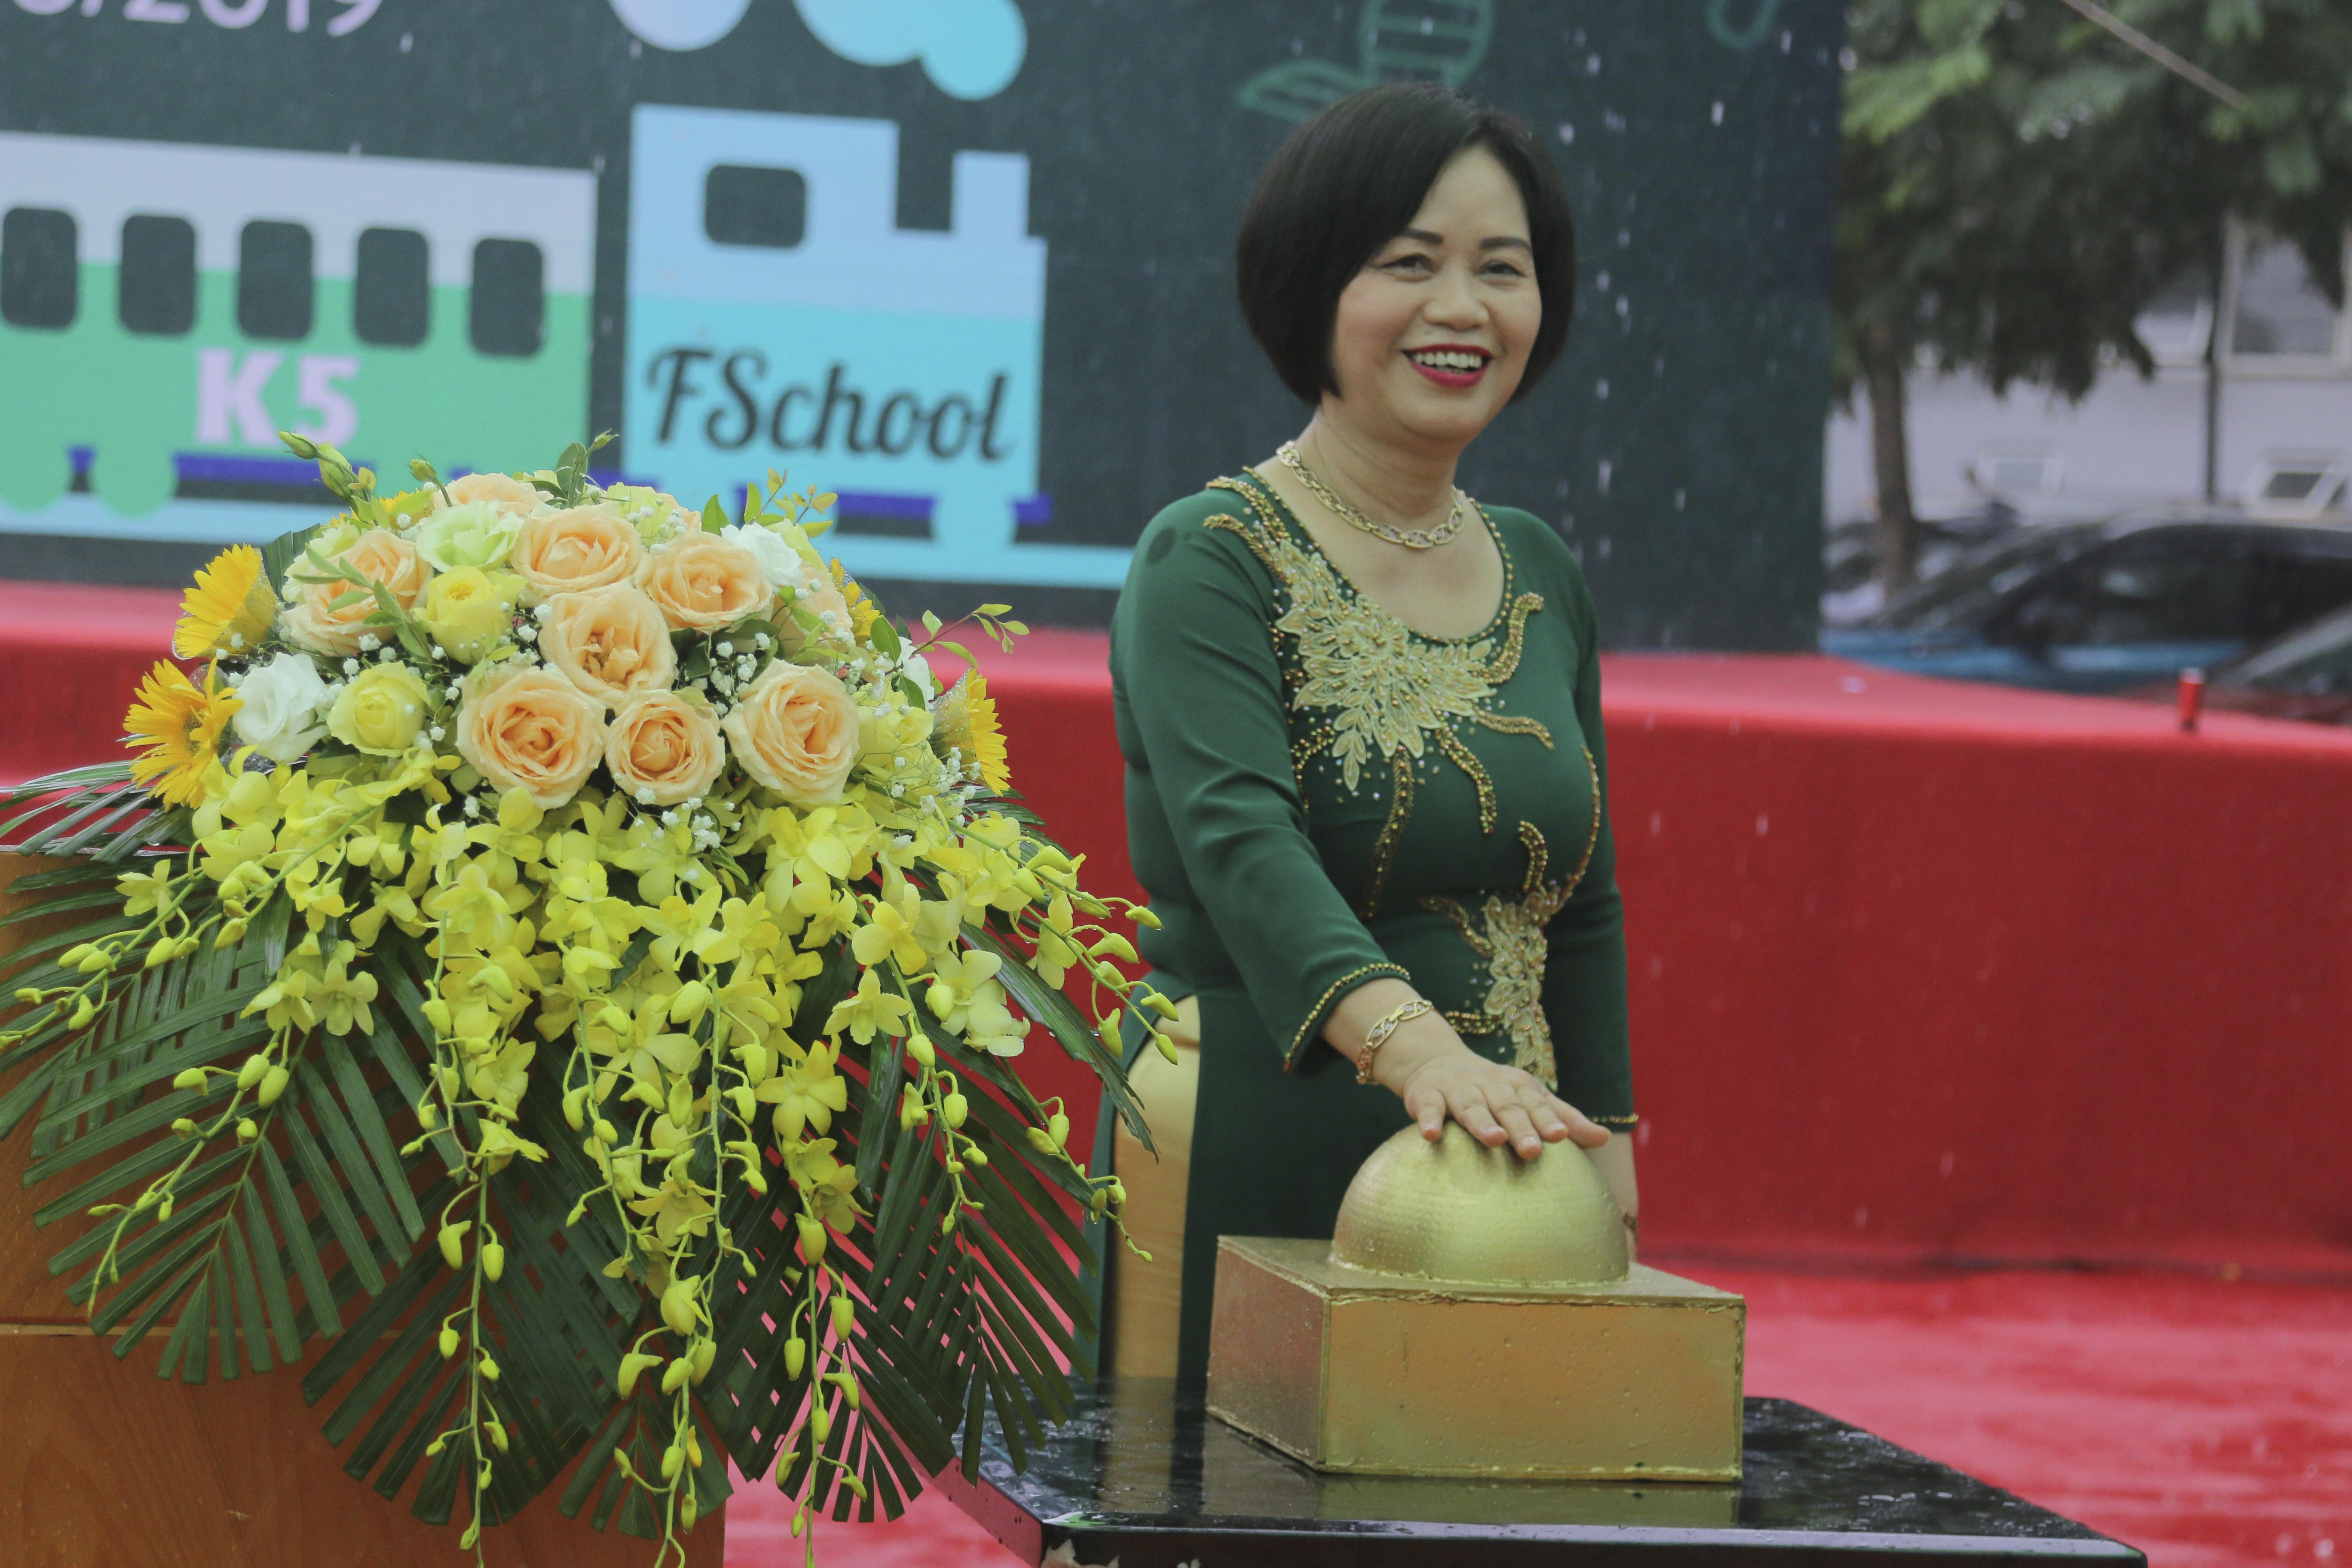 Sau bài diễn văn khai giảng, Hiệu trưởng Nguyễn Thị Tân tiến hành nghi thức nhấn chuông báo hiệu một năm học mới bắt đầu với nhiều niềm tin và hy vọng.